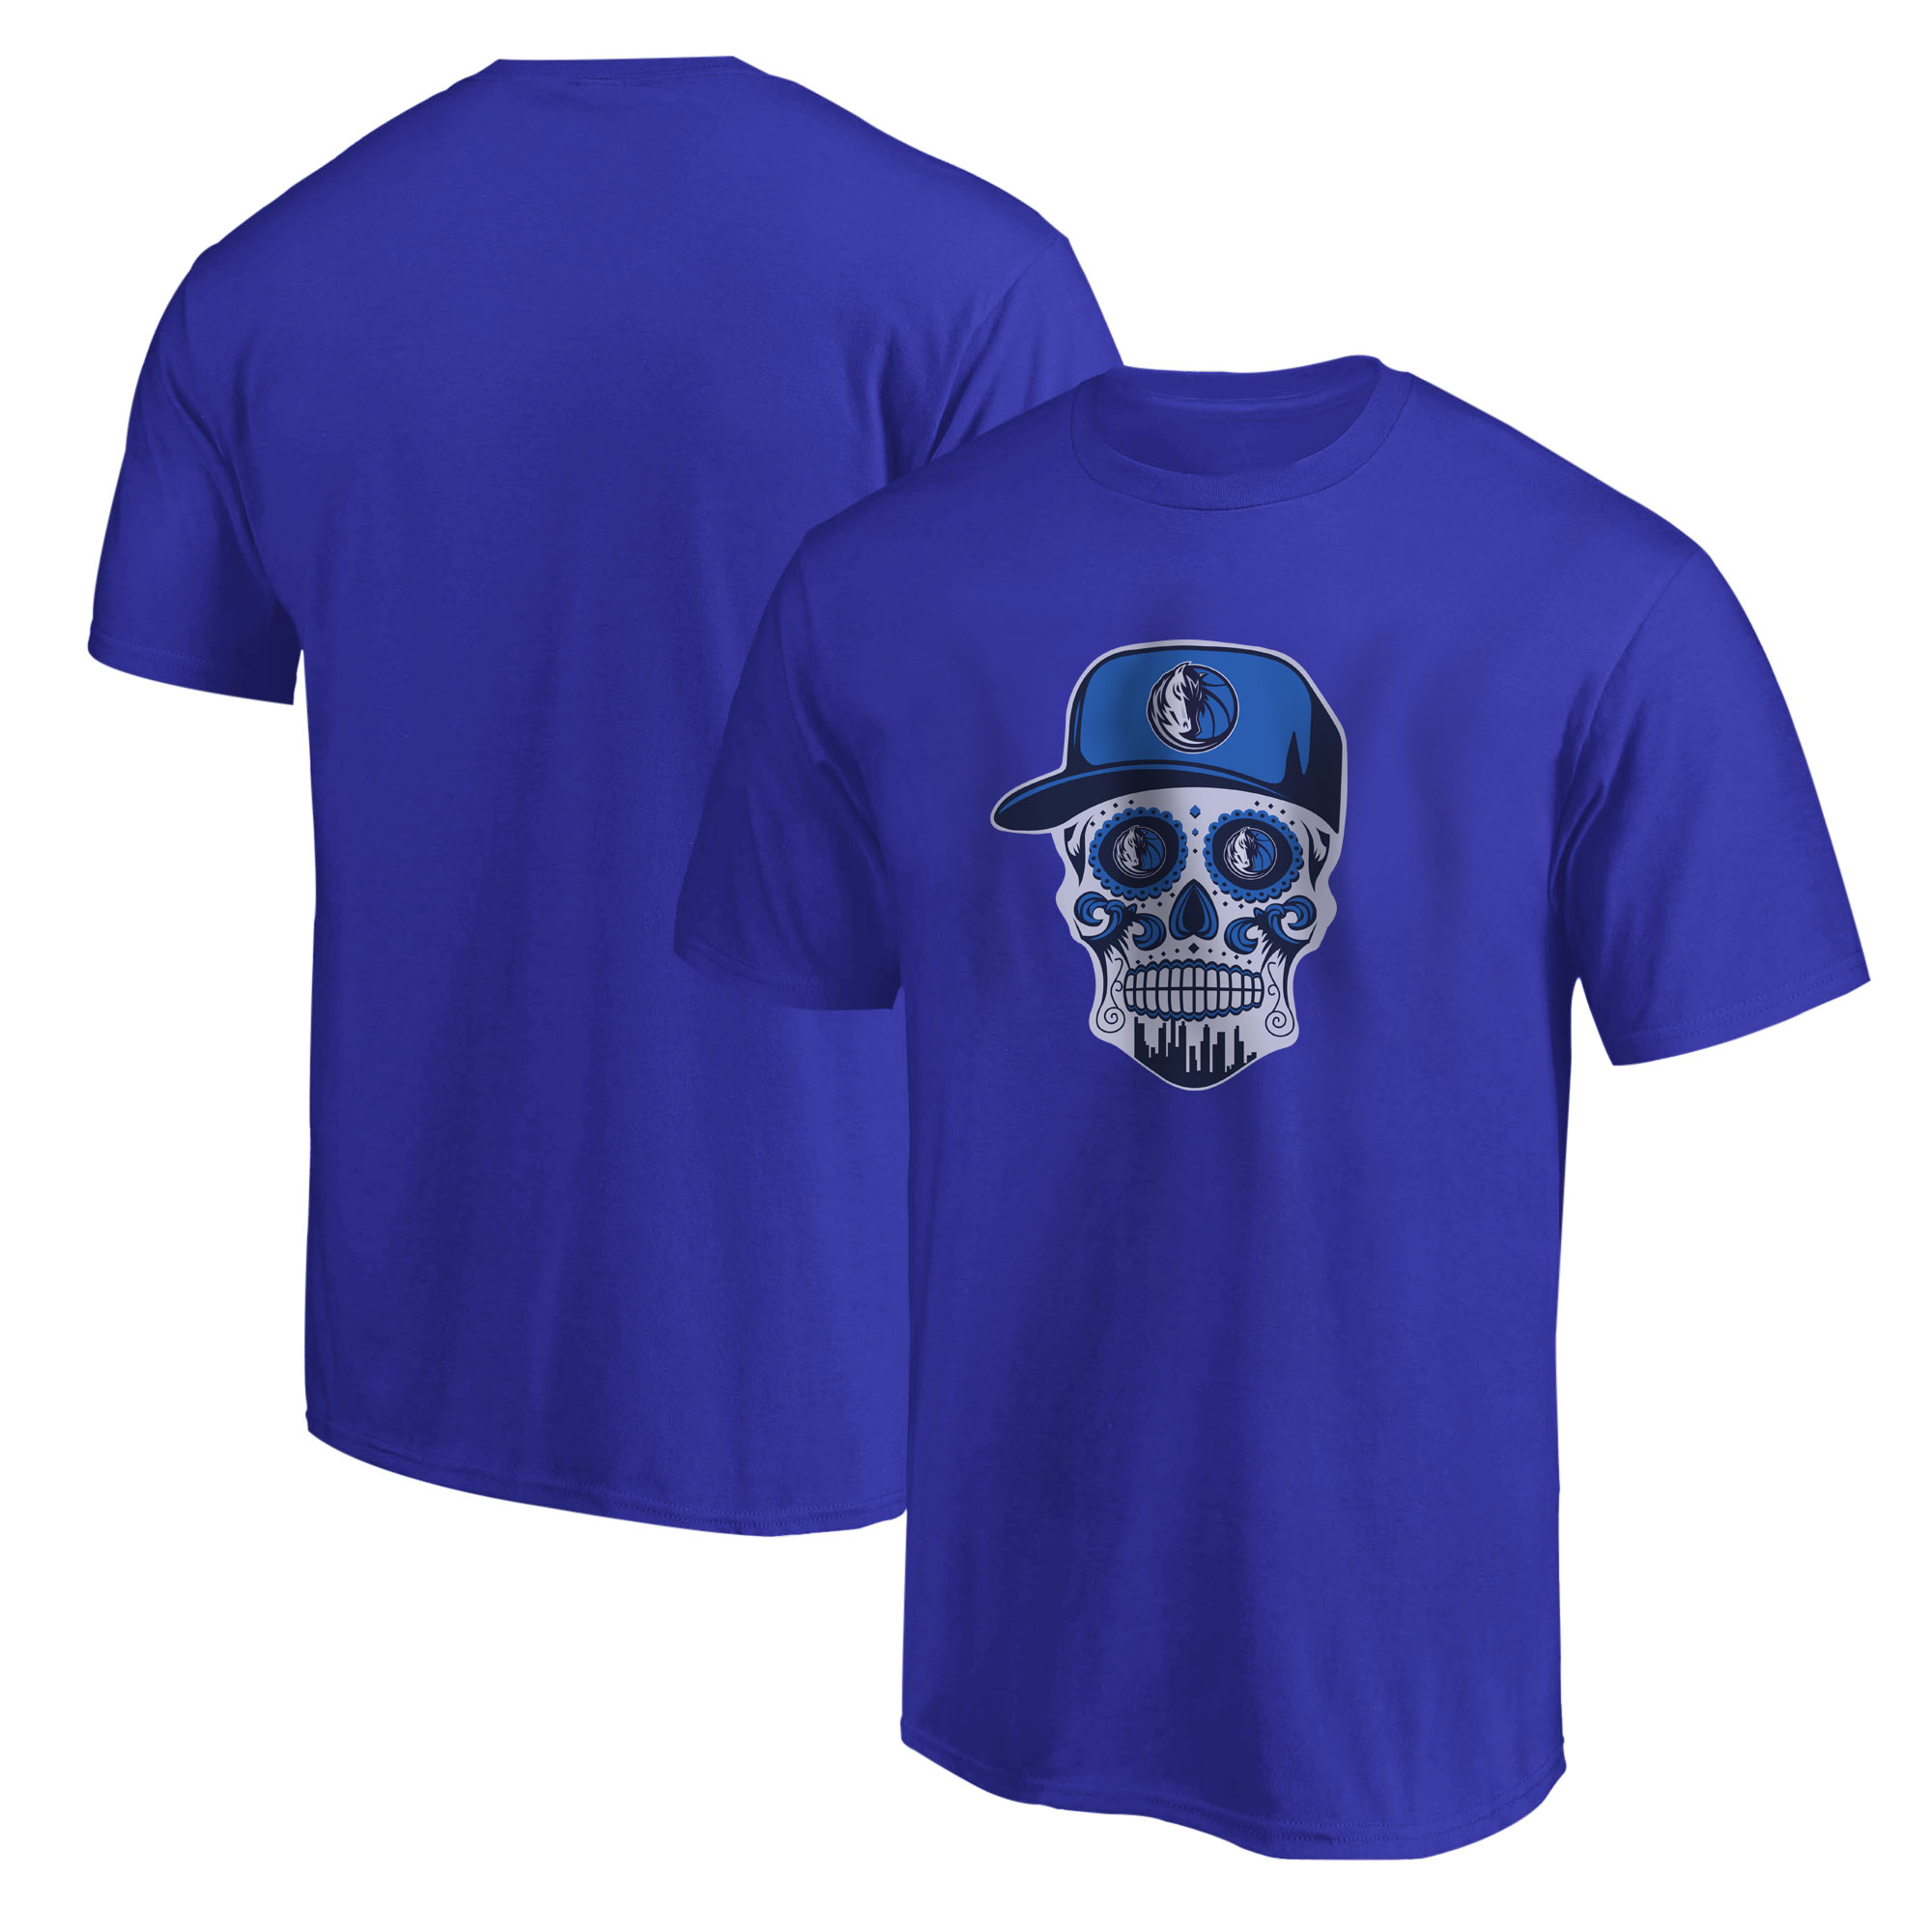 Dallas Skull Tshirt (TSH-BLC-NP-451-NBA-DLS-SKULL)